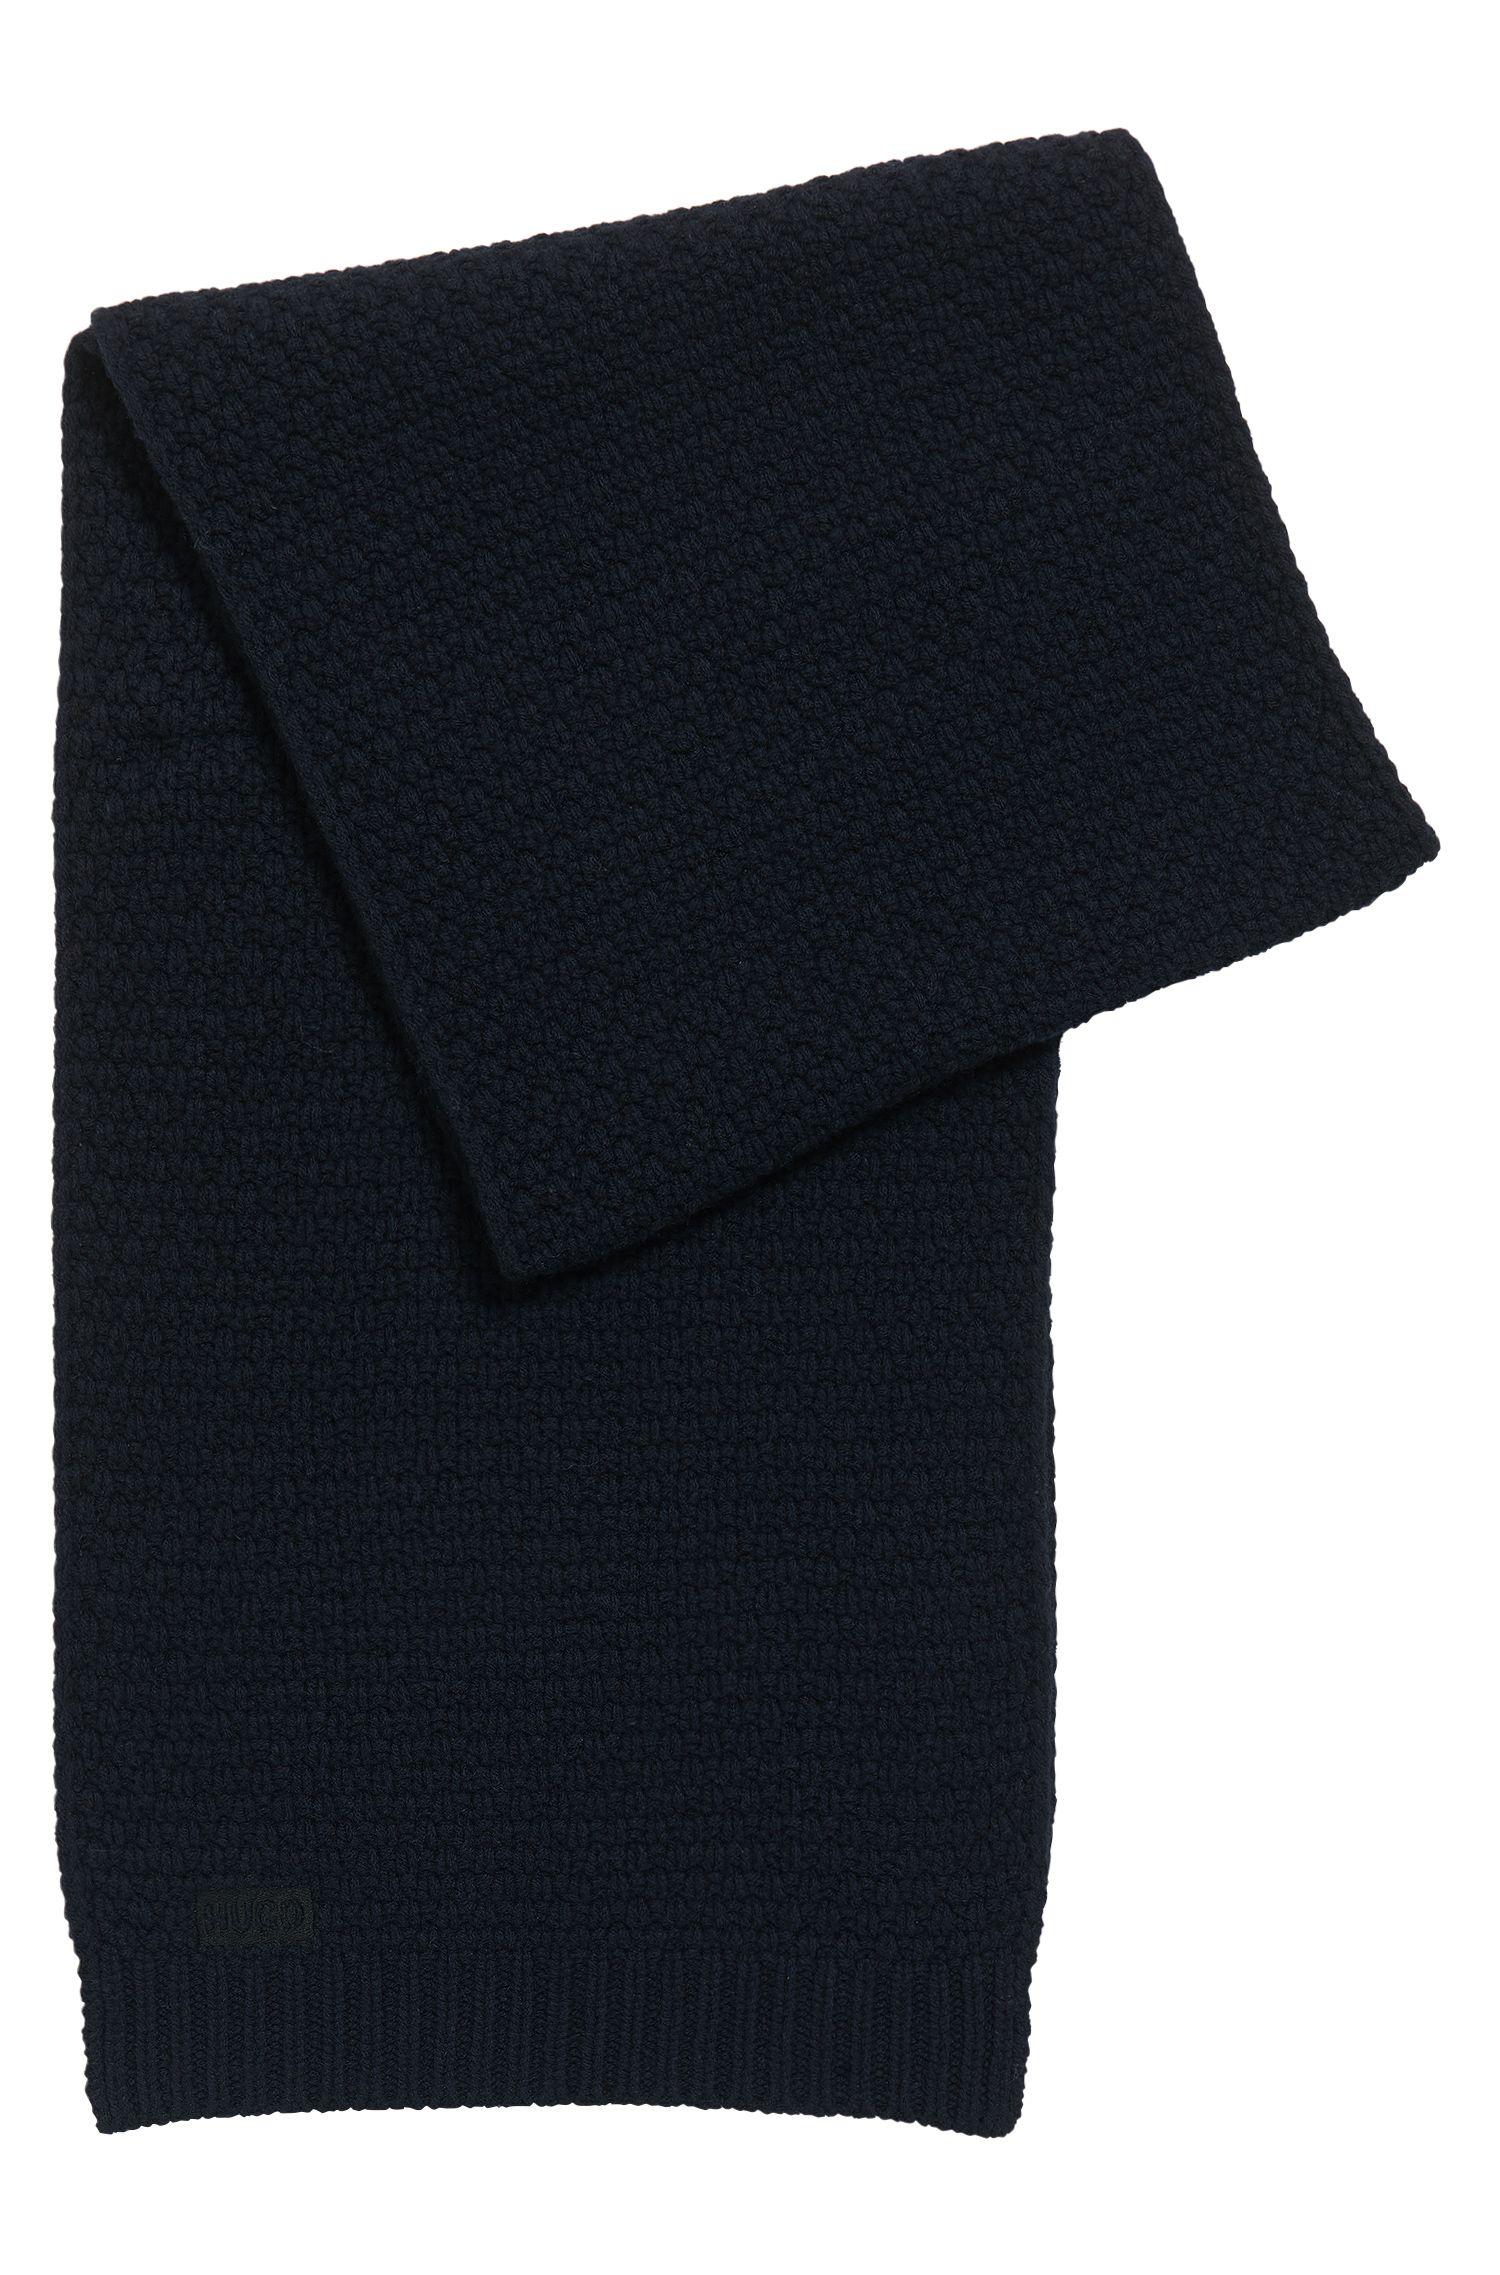 Gestrickter Jacquard-Schal aus Schurwolle